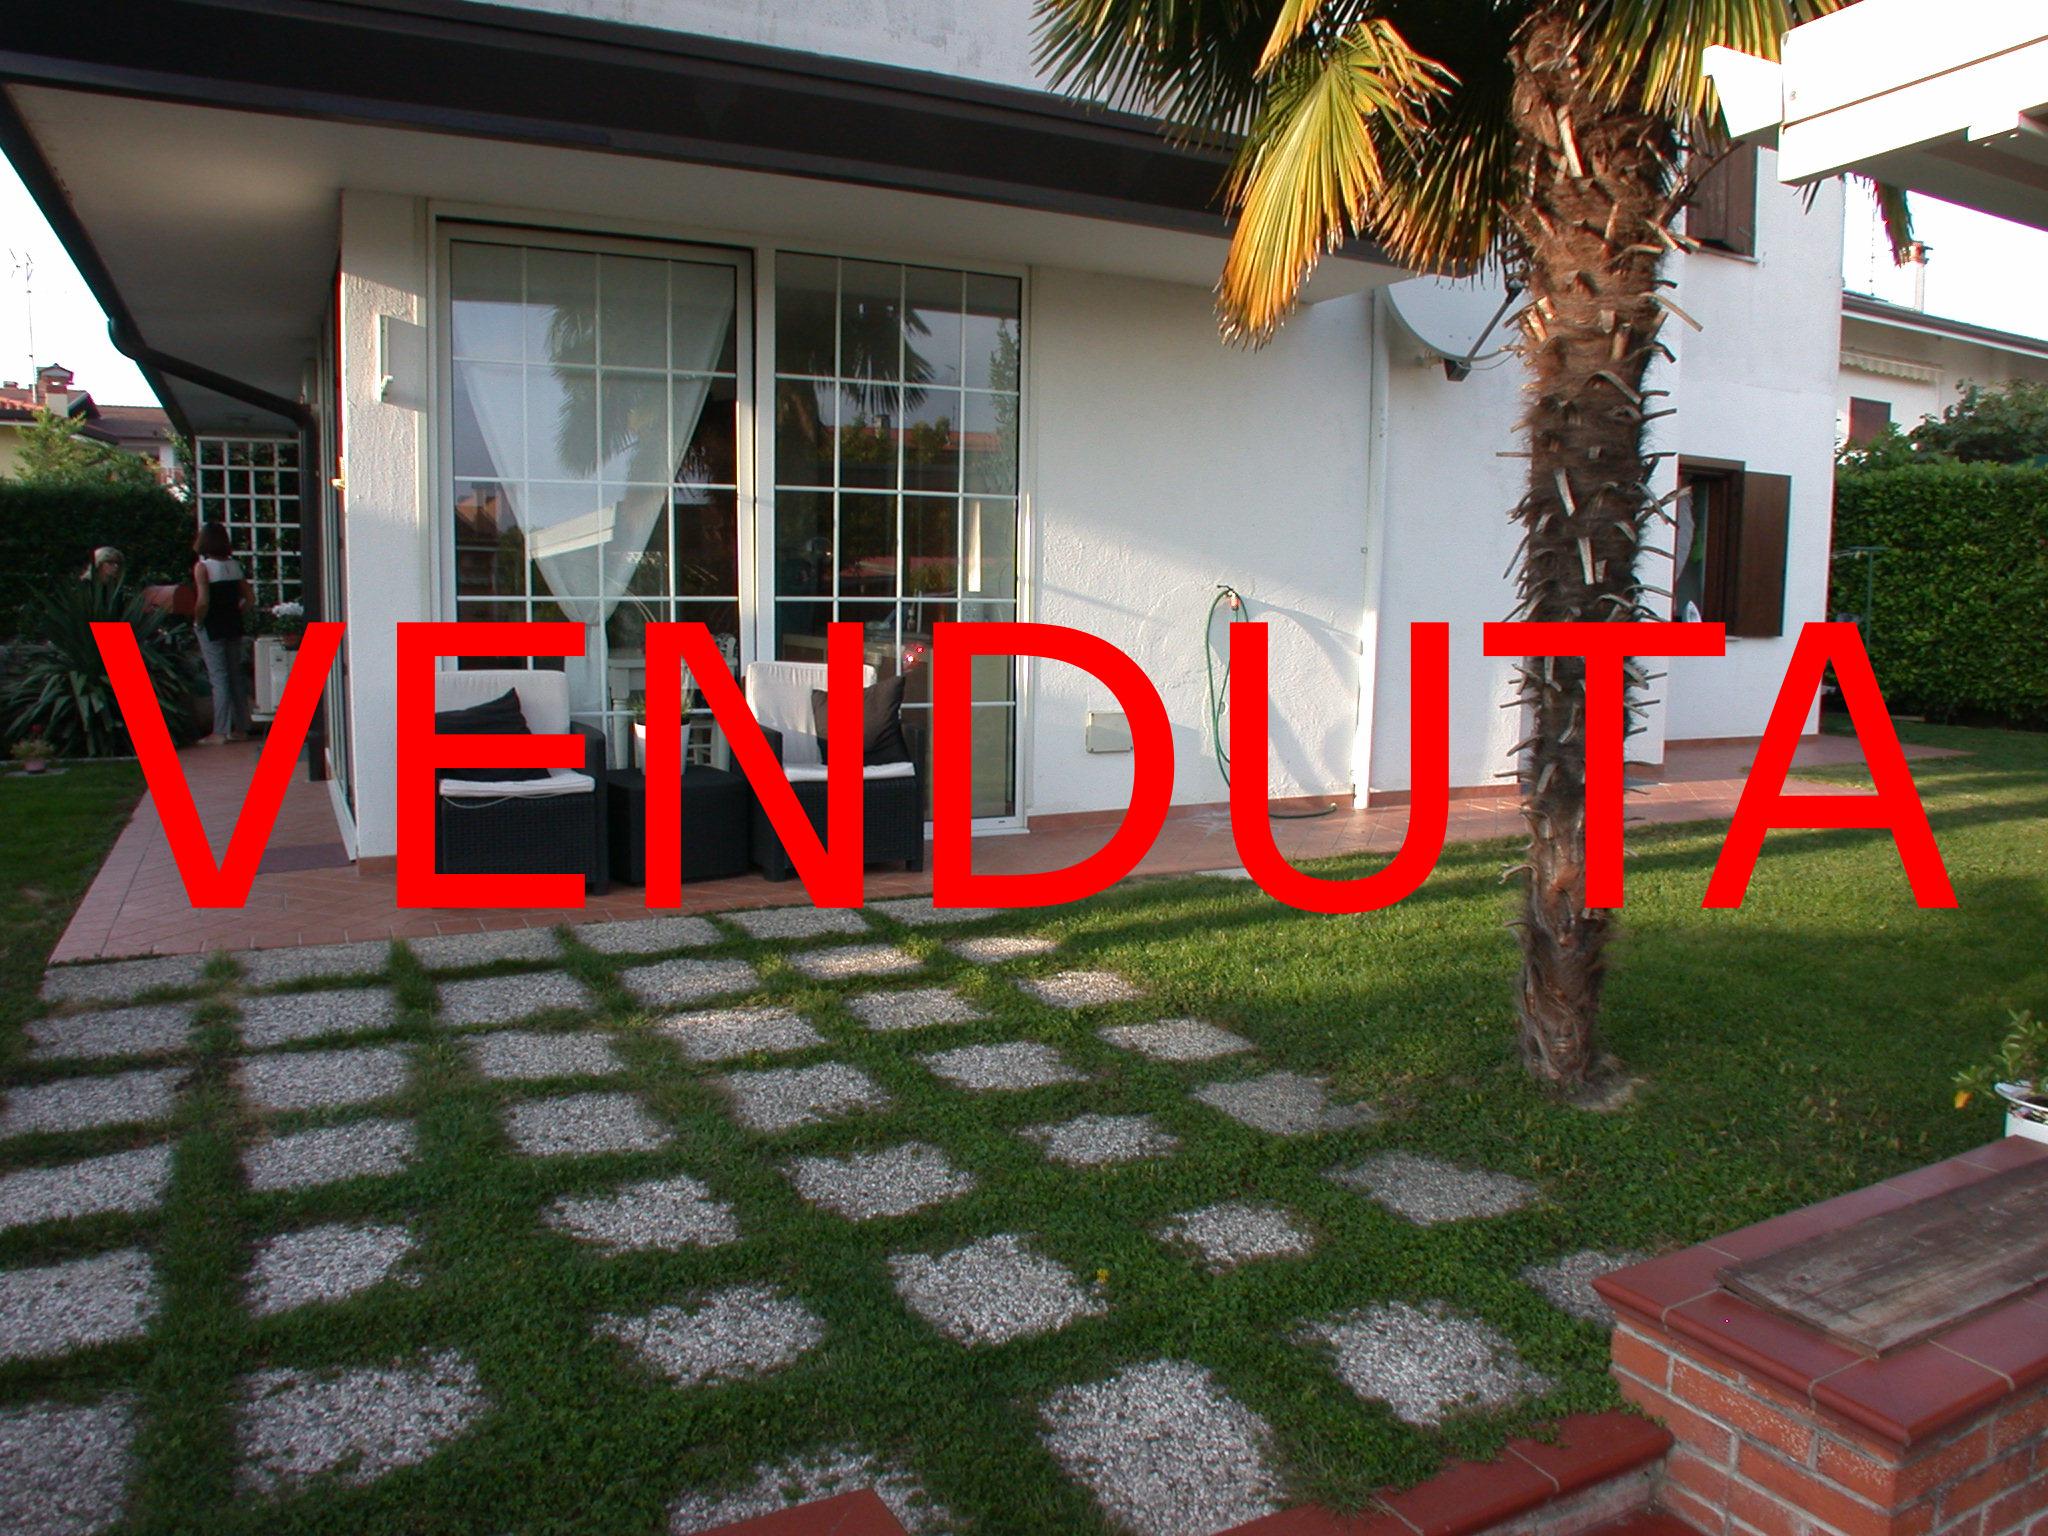 !!!VENDUTA!!! Appartamento indipendente con giardino a Staranzano